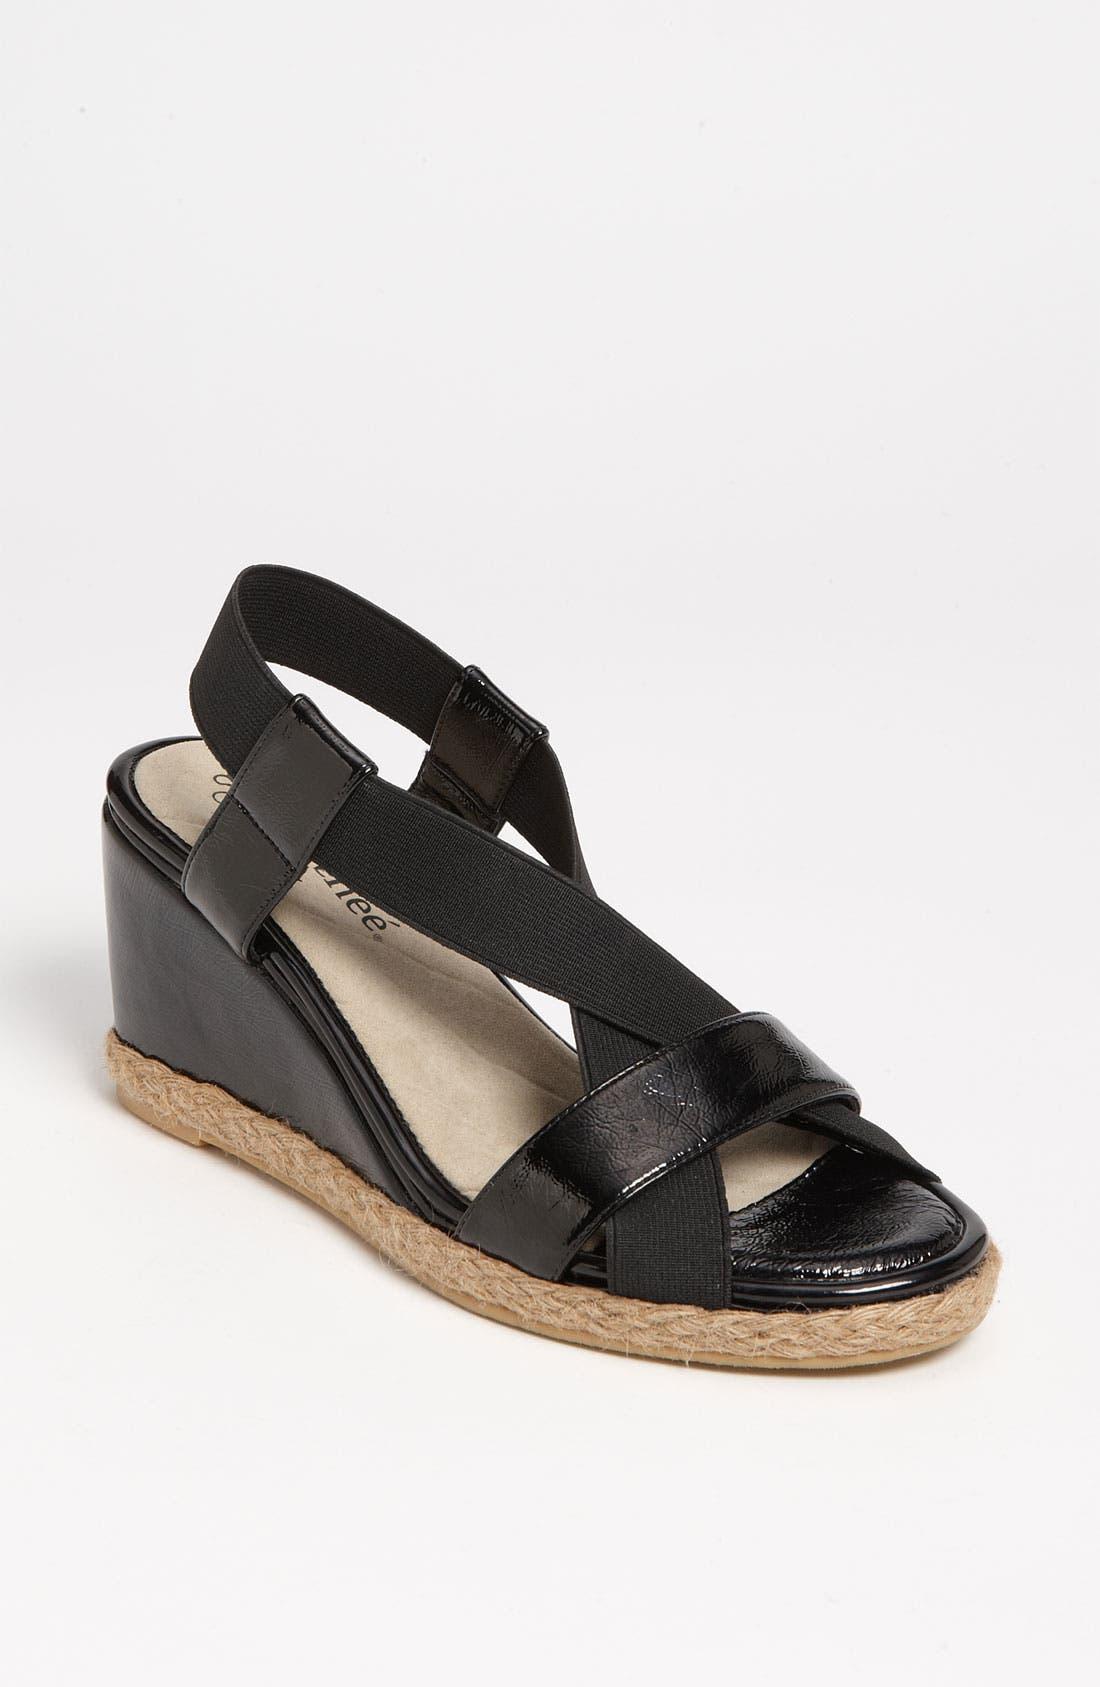 Main Image - J. Reneé 'Halina' Sandal